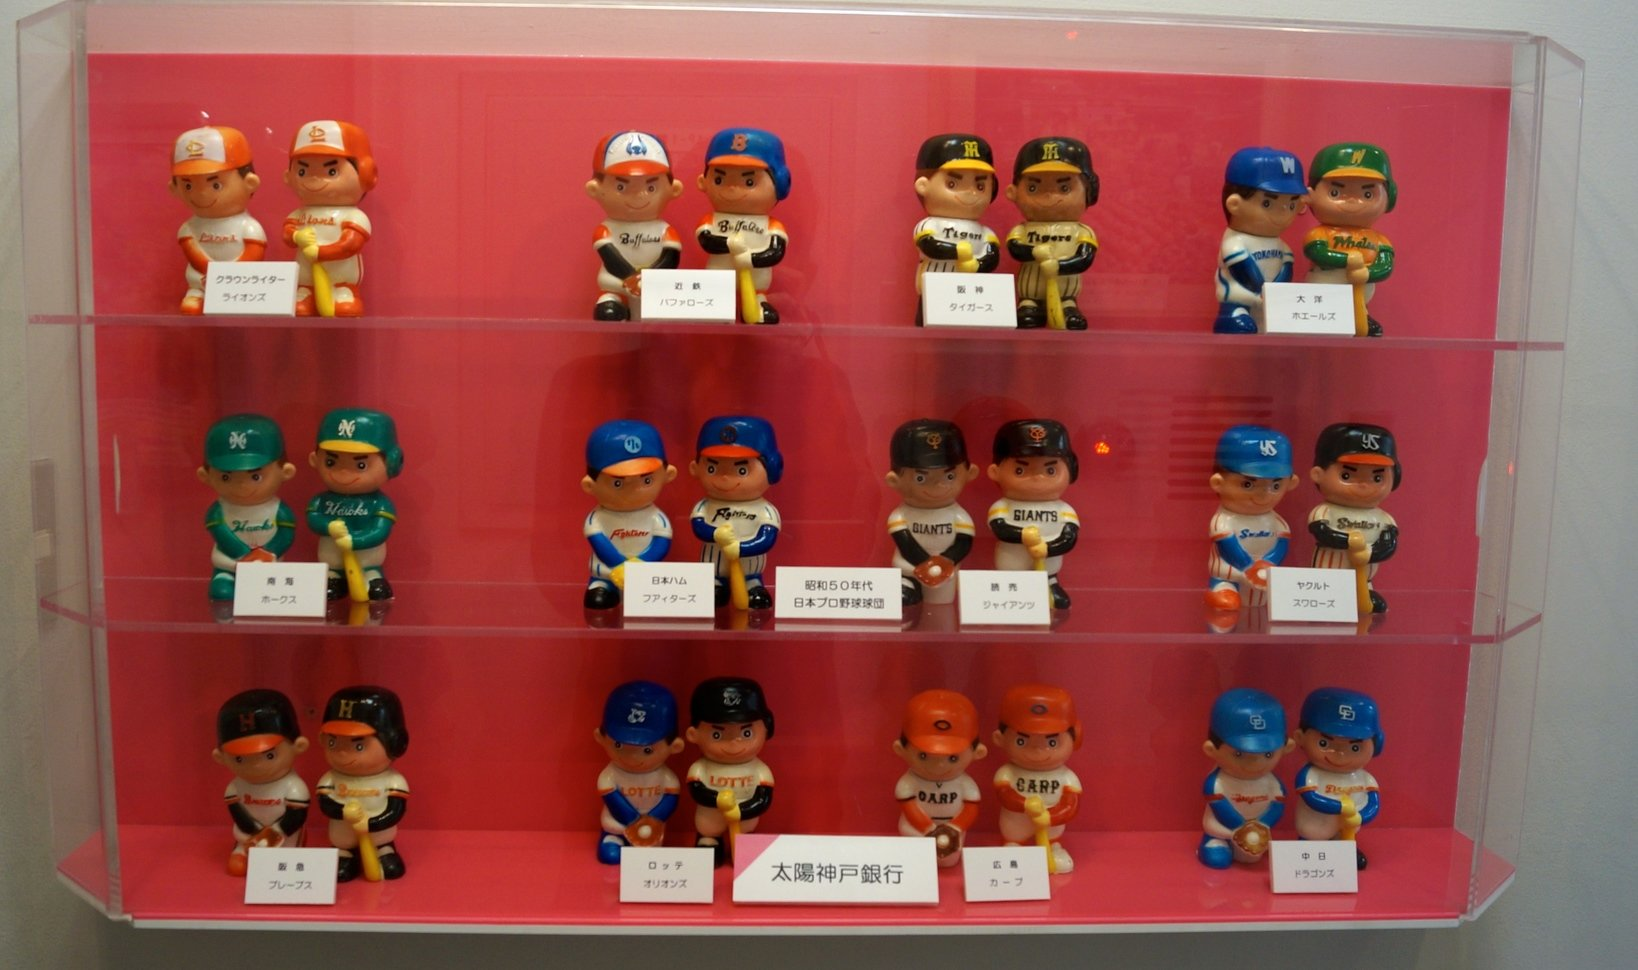 太陽神戸銀行が作成した、当時のプロ野球12球団の貯金箱